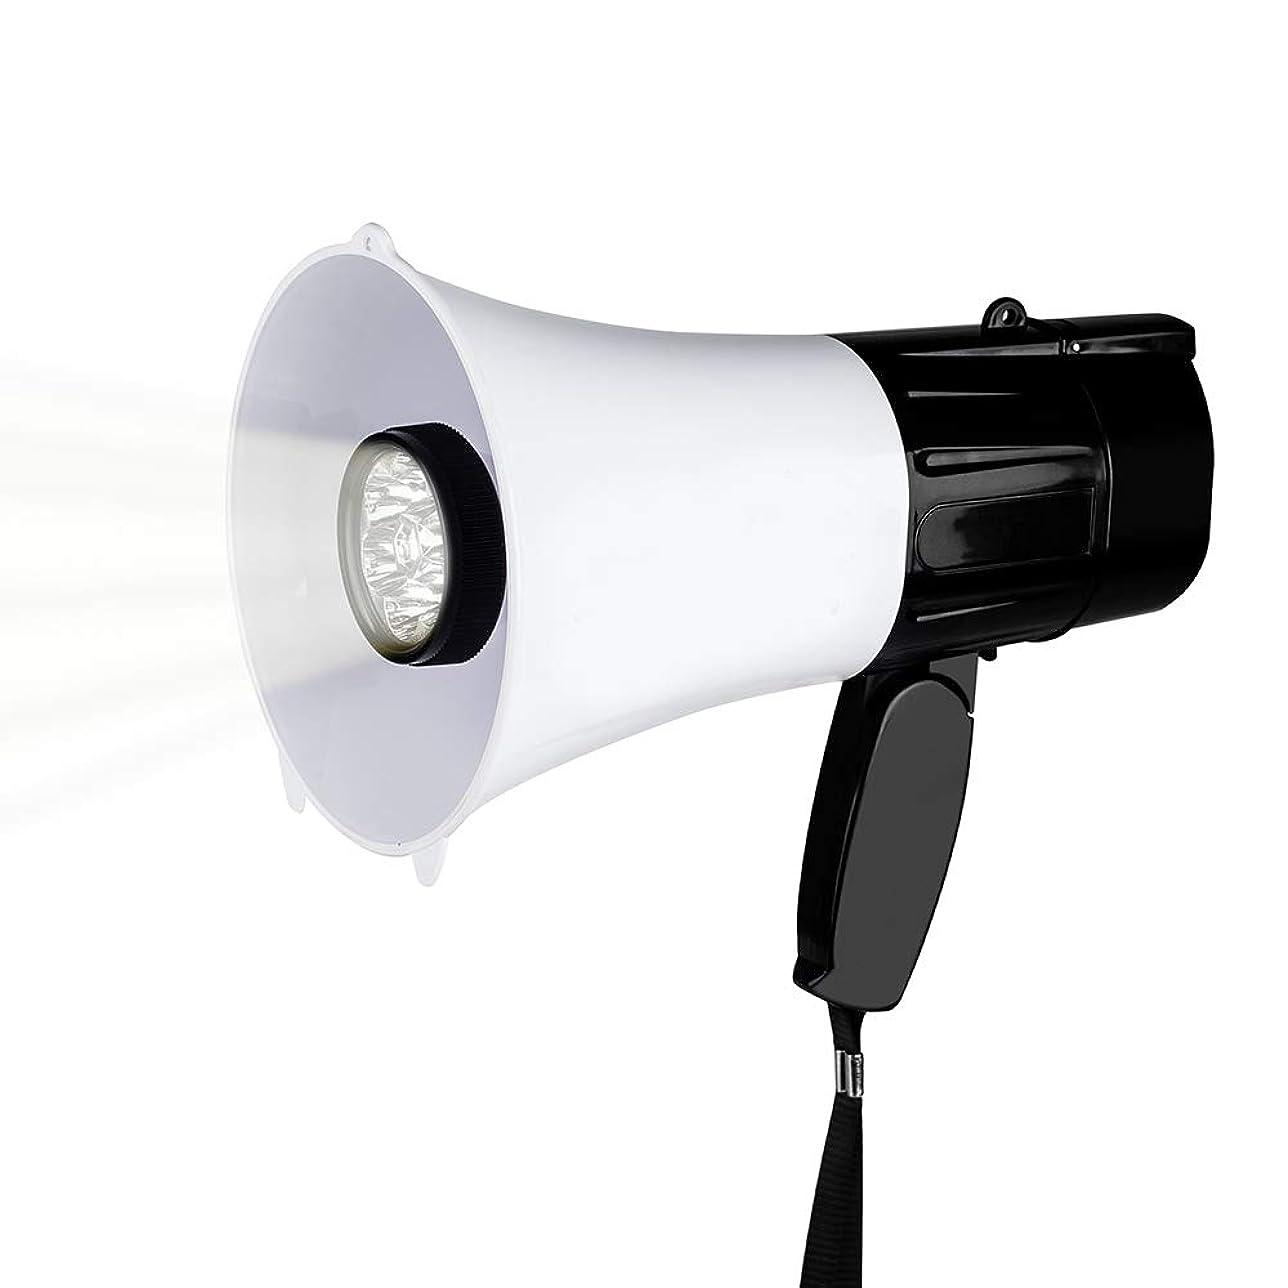 モンゴメリーノイズ囚人夜間で使用しやすいLEDライト付き拡声器